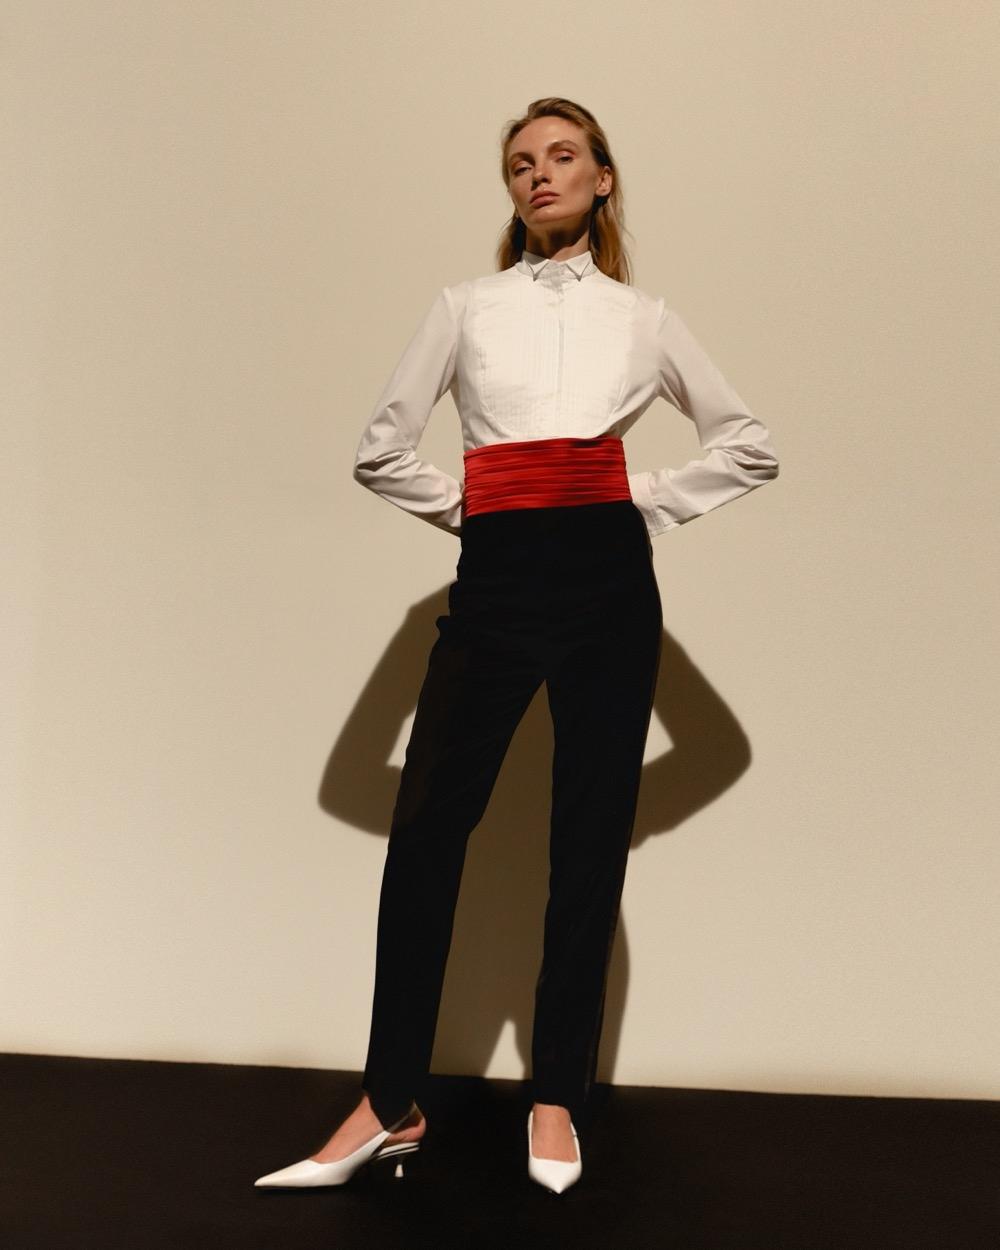 Свежий взгляд на black tie: BEZMEZH представил дебютную коллекцию стильных смокингов (ФОТО) - фото №4